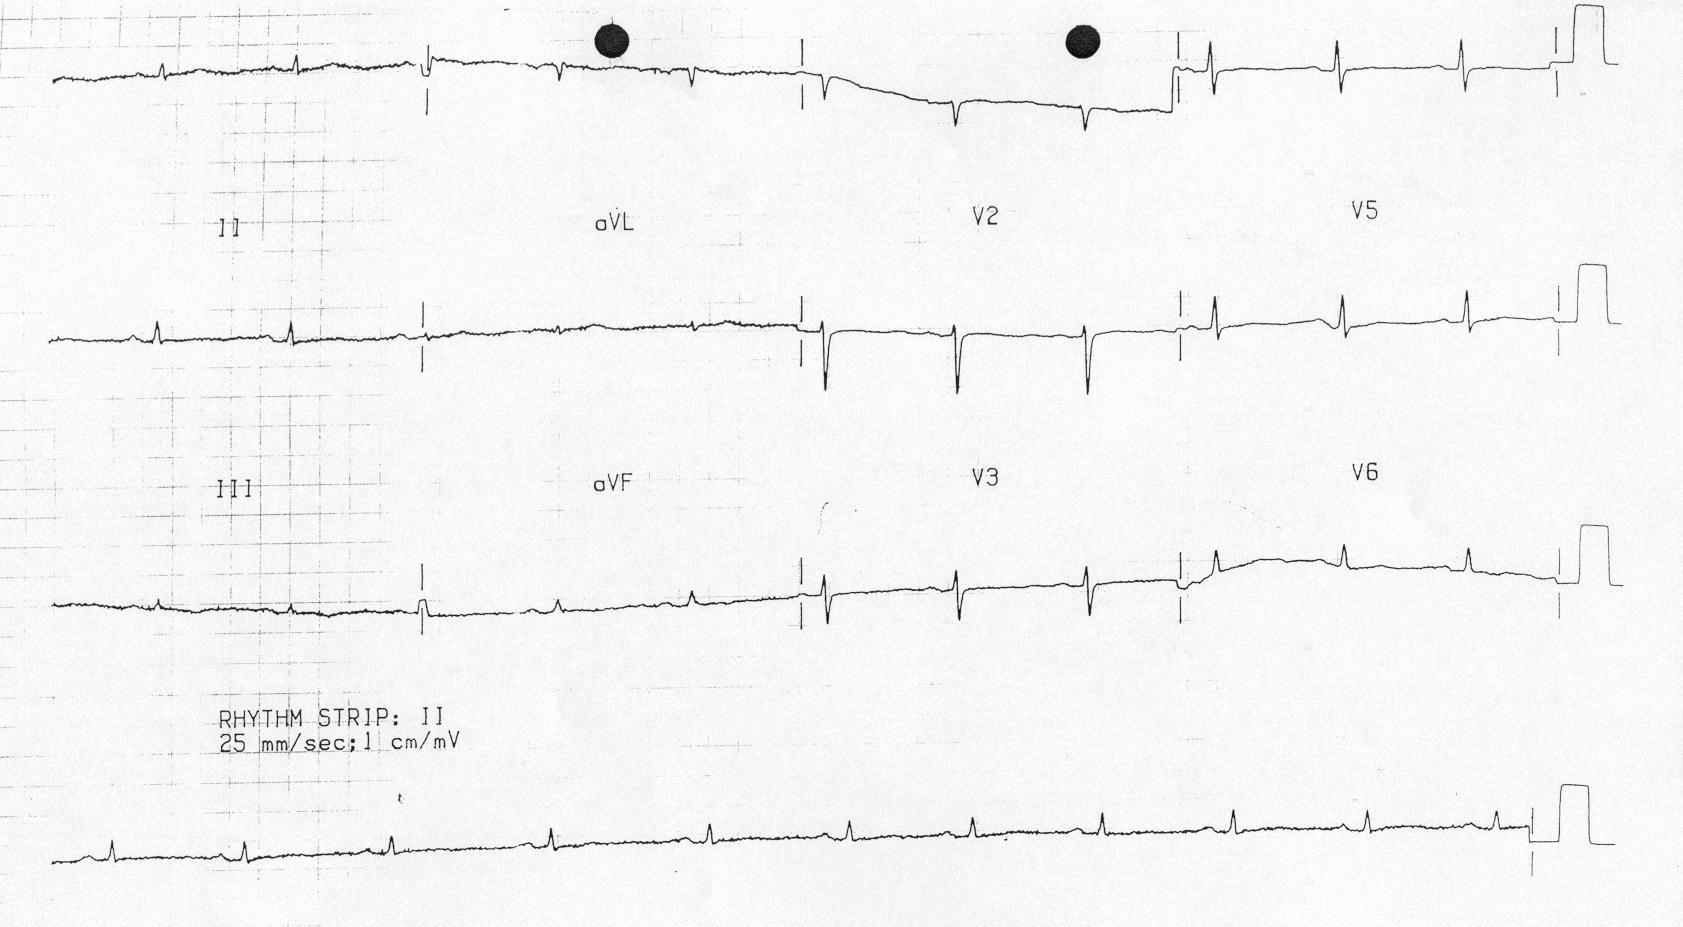 Miksödeme bağlı düşük QRS voltajı Kaynak : lifeinthefastlane.com - ECG library